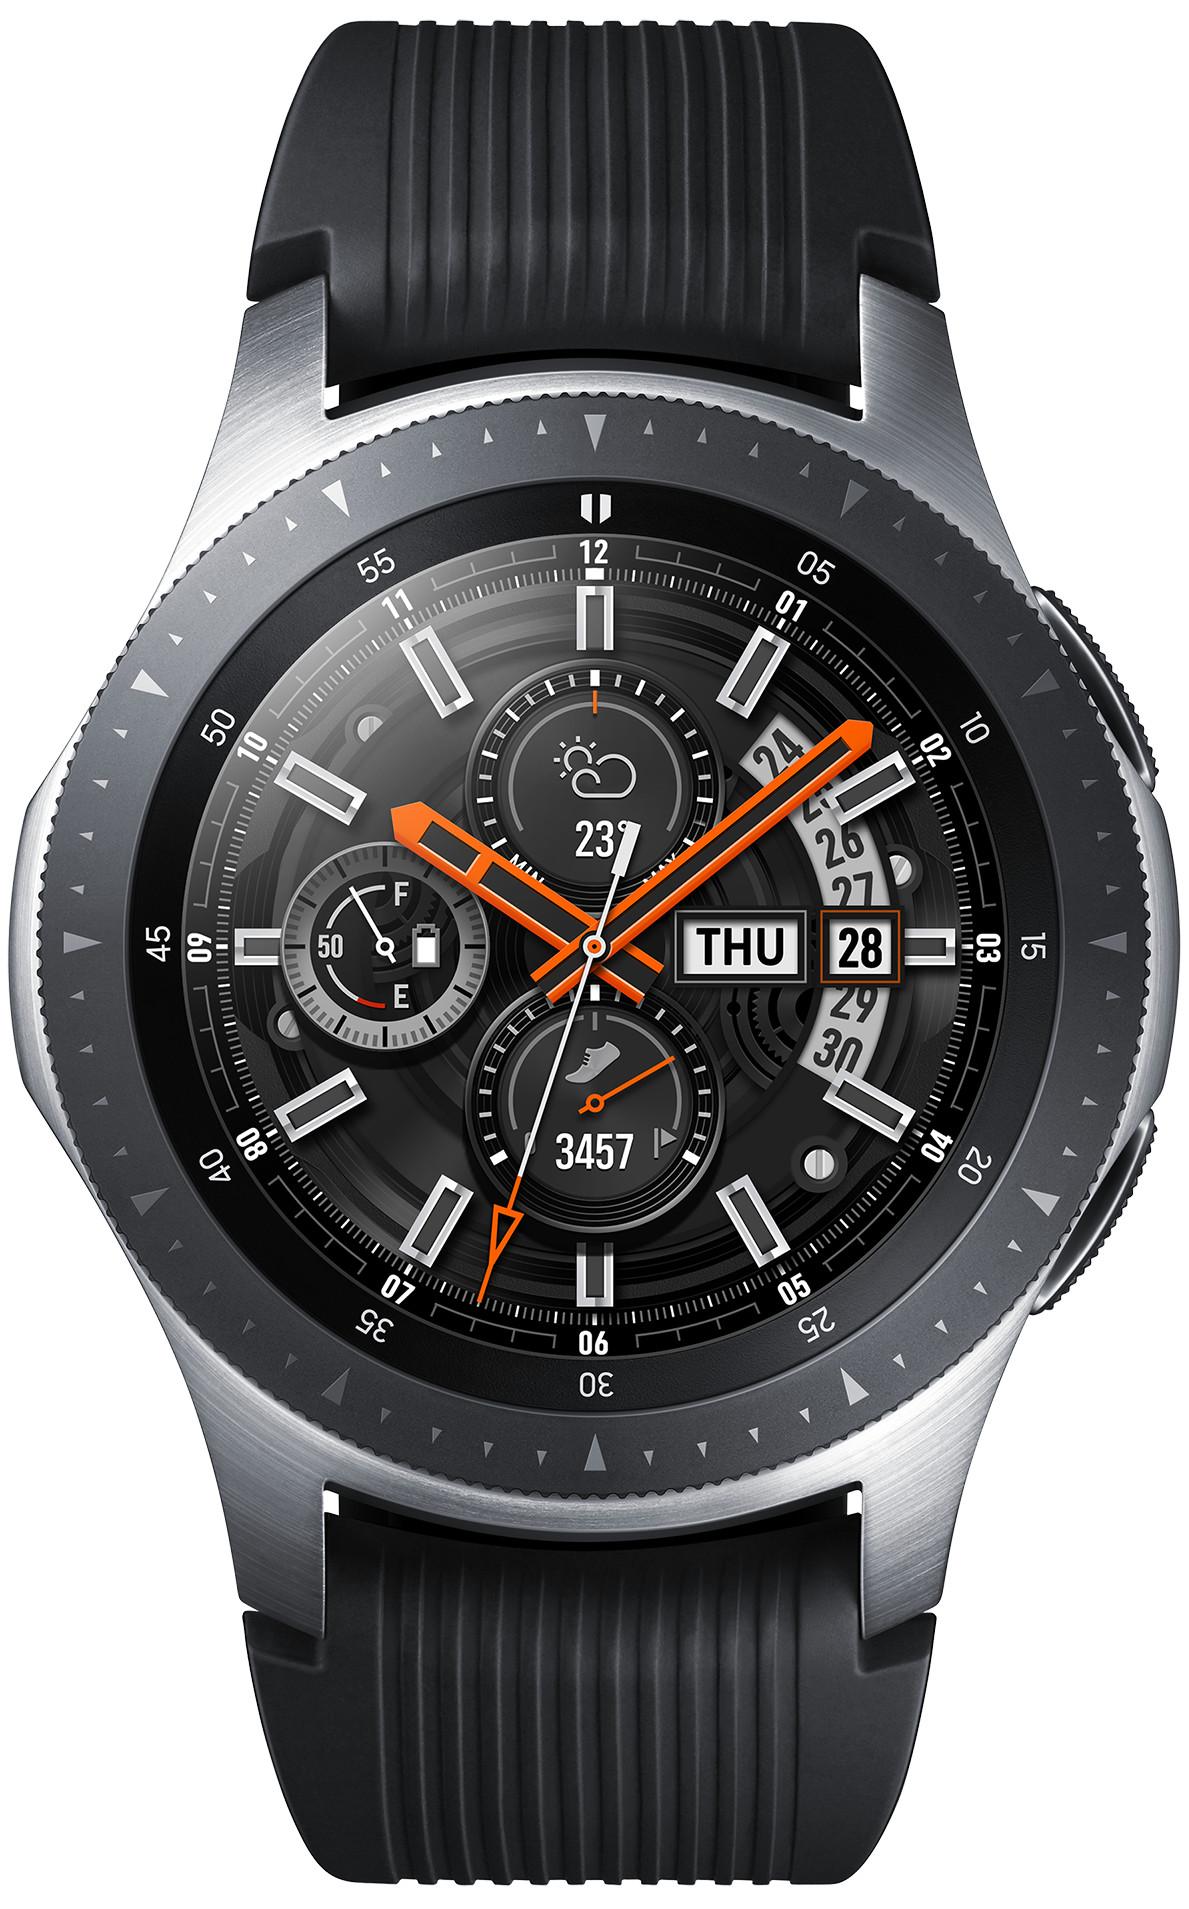 ساعة Galaxy Watch المميزة بنظام حماية عالي وشاشة رائعة جداً